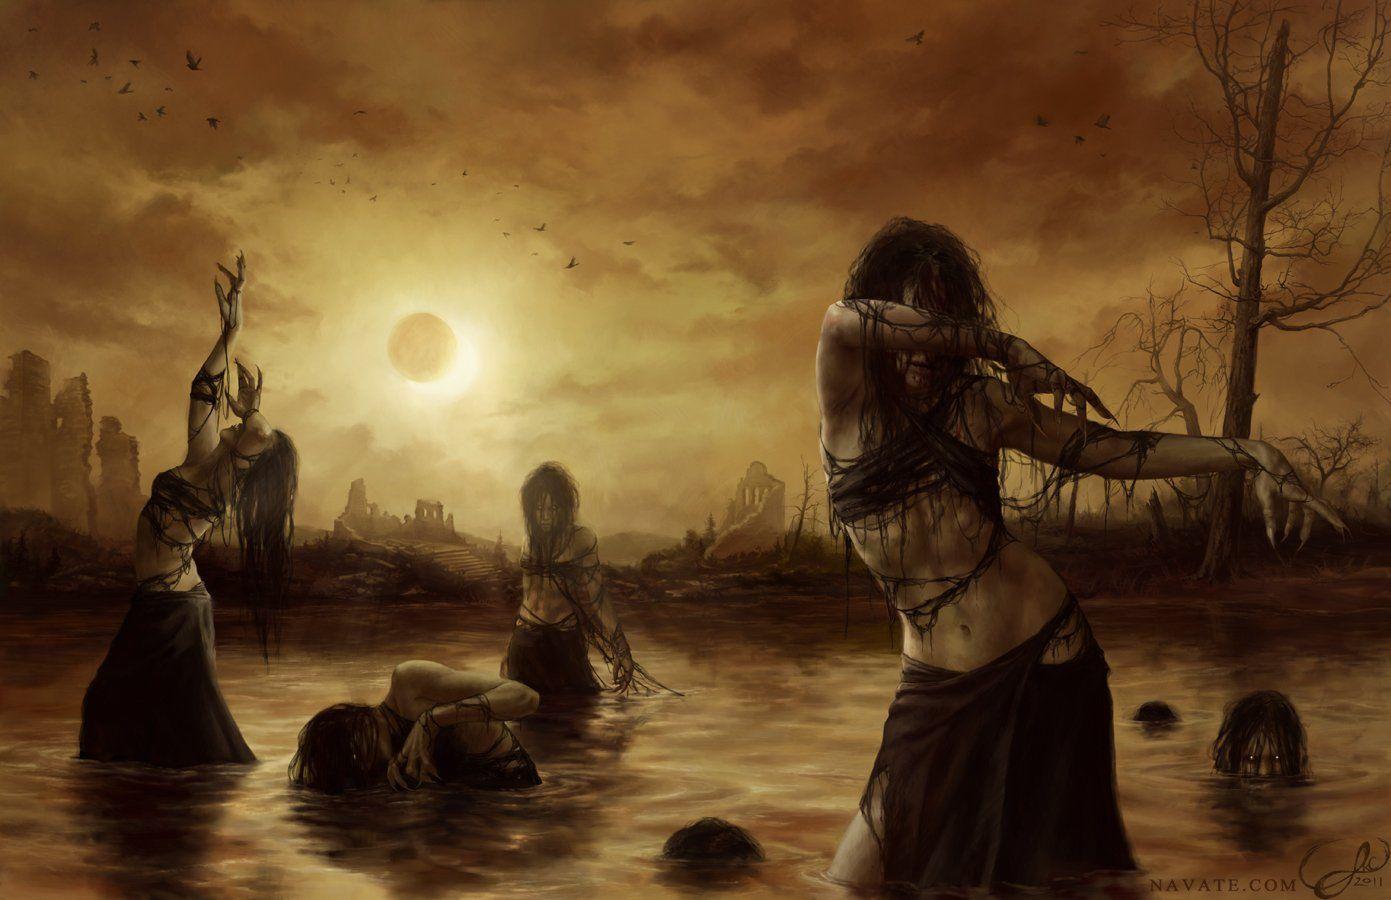 As bruxas que calam a noite   Elas habitam os bosques  Elas correm na noite  Elas emanam poder  Elas não são como fadas  São mulhere...